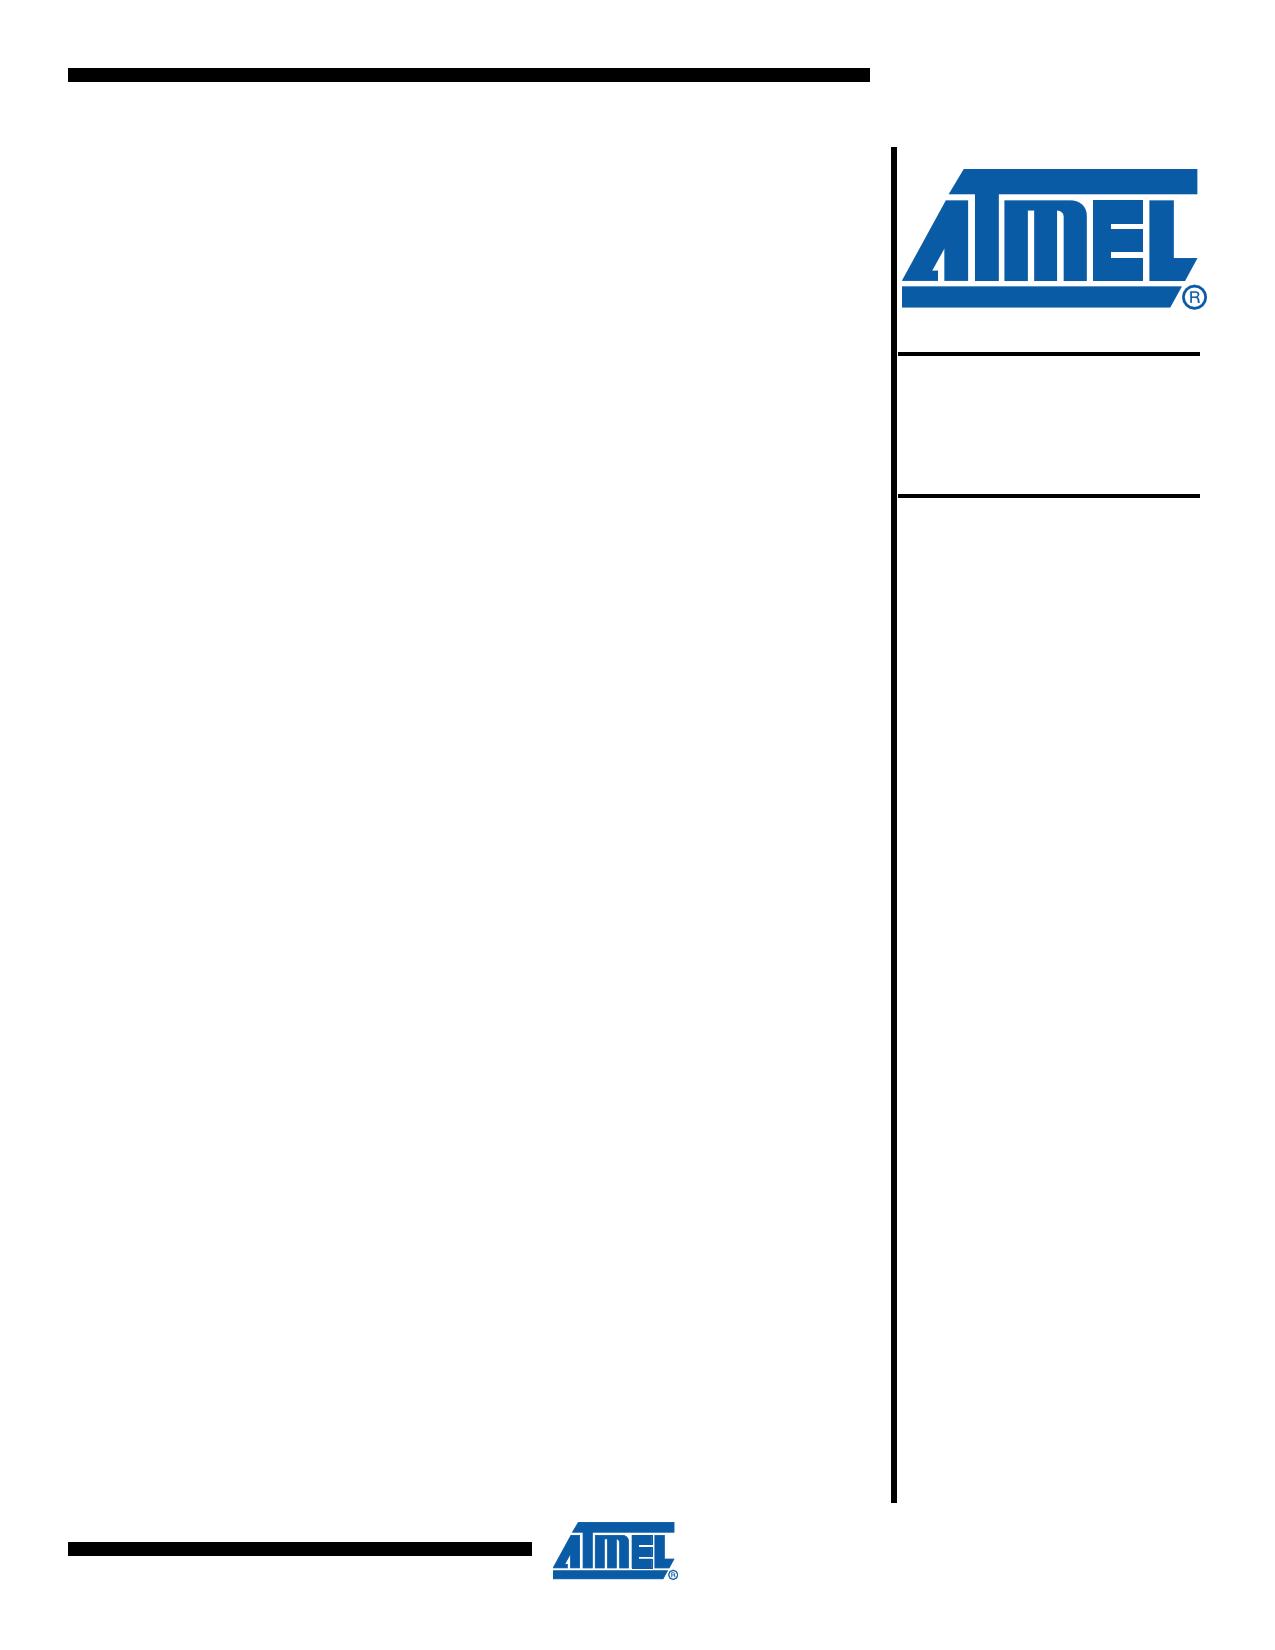 AT32UC3A4128 Datasheet, ピン配置, 機能